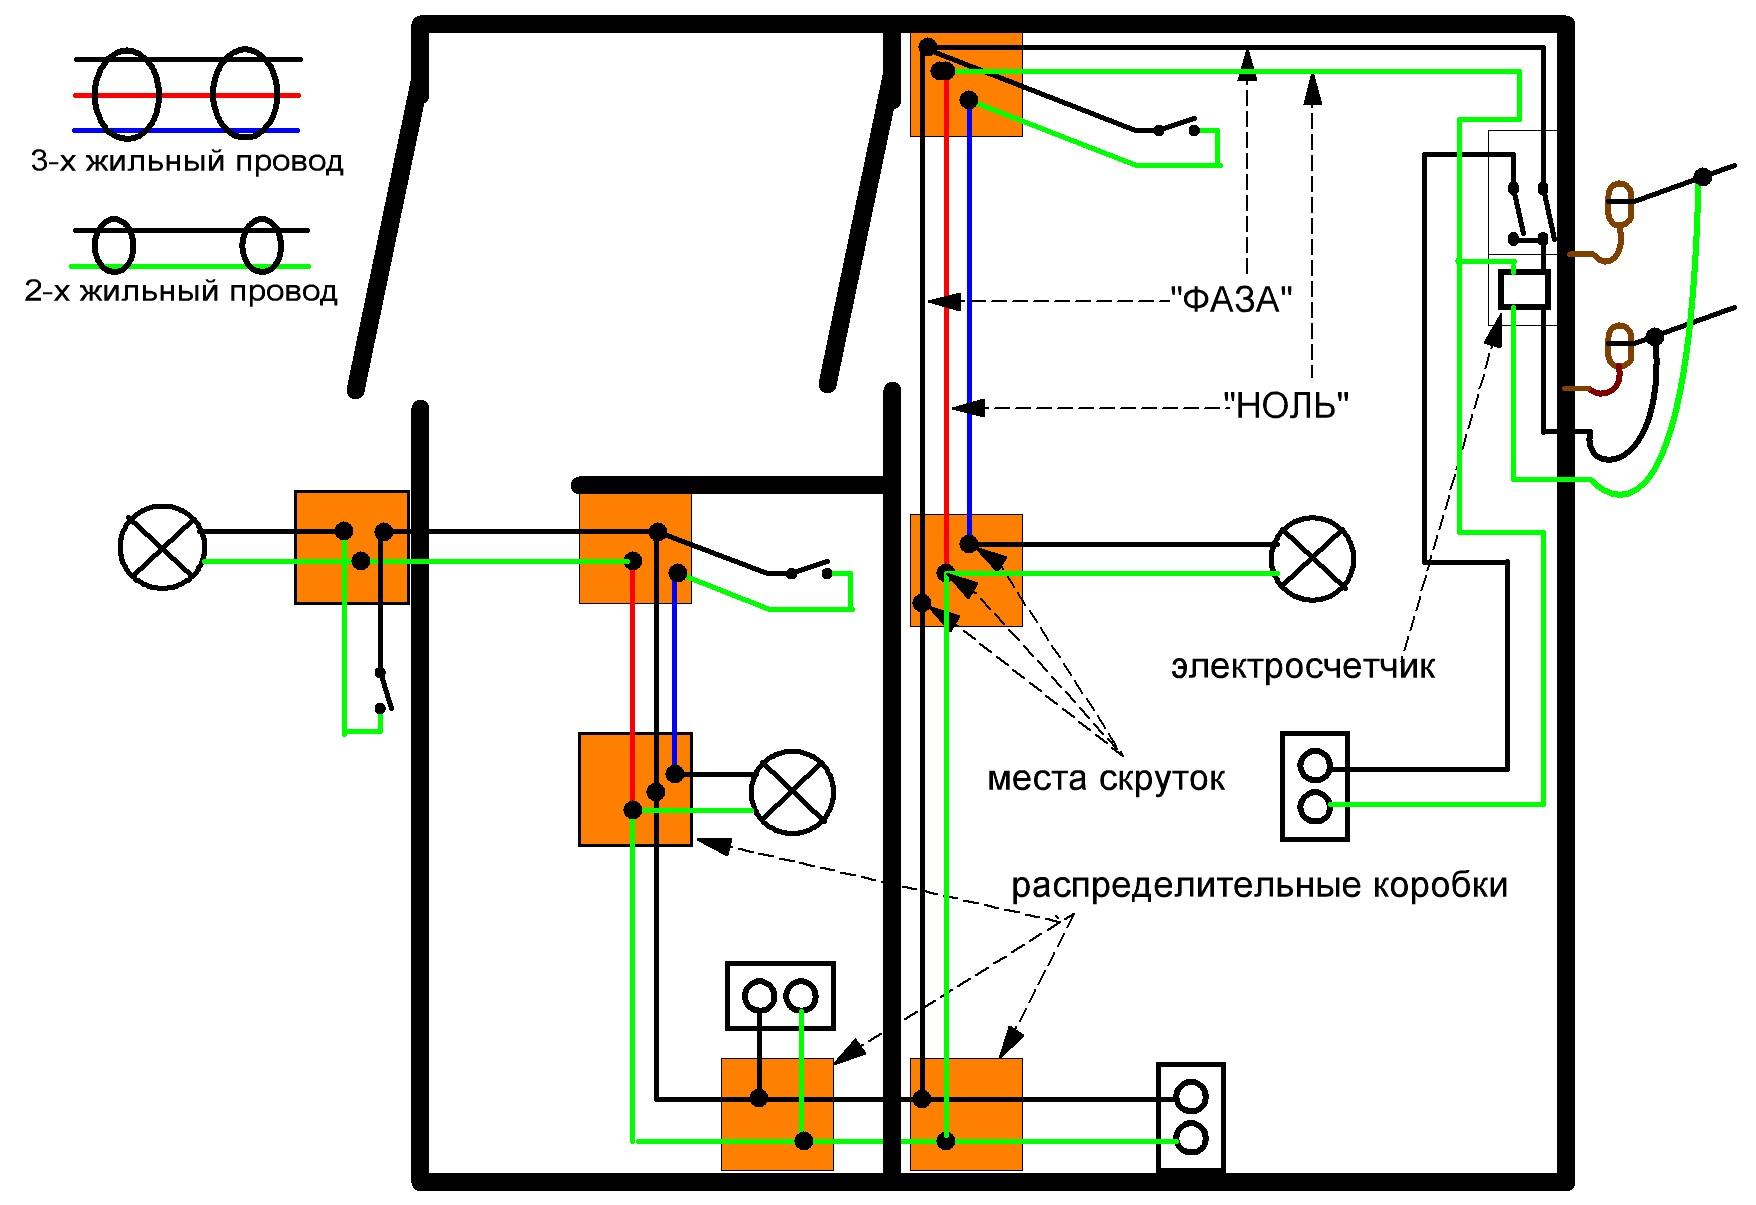 Инструкция по монтажу электропроводки